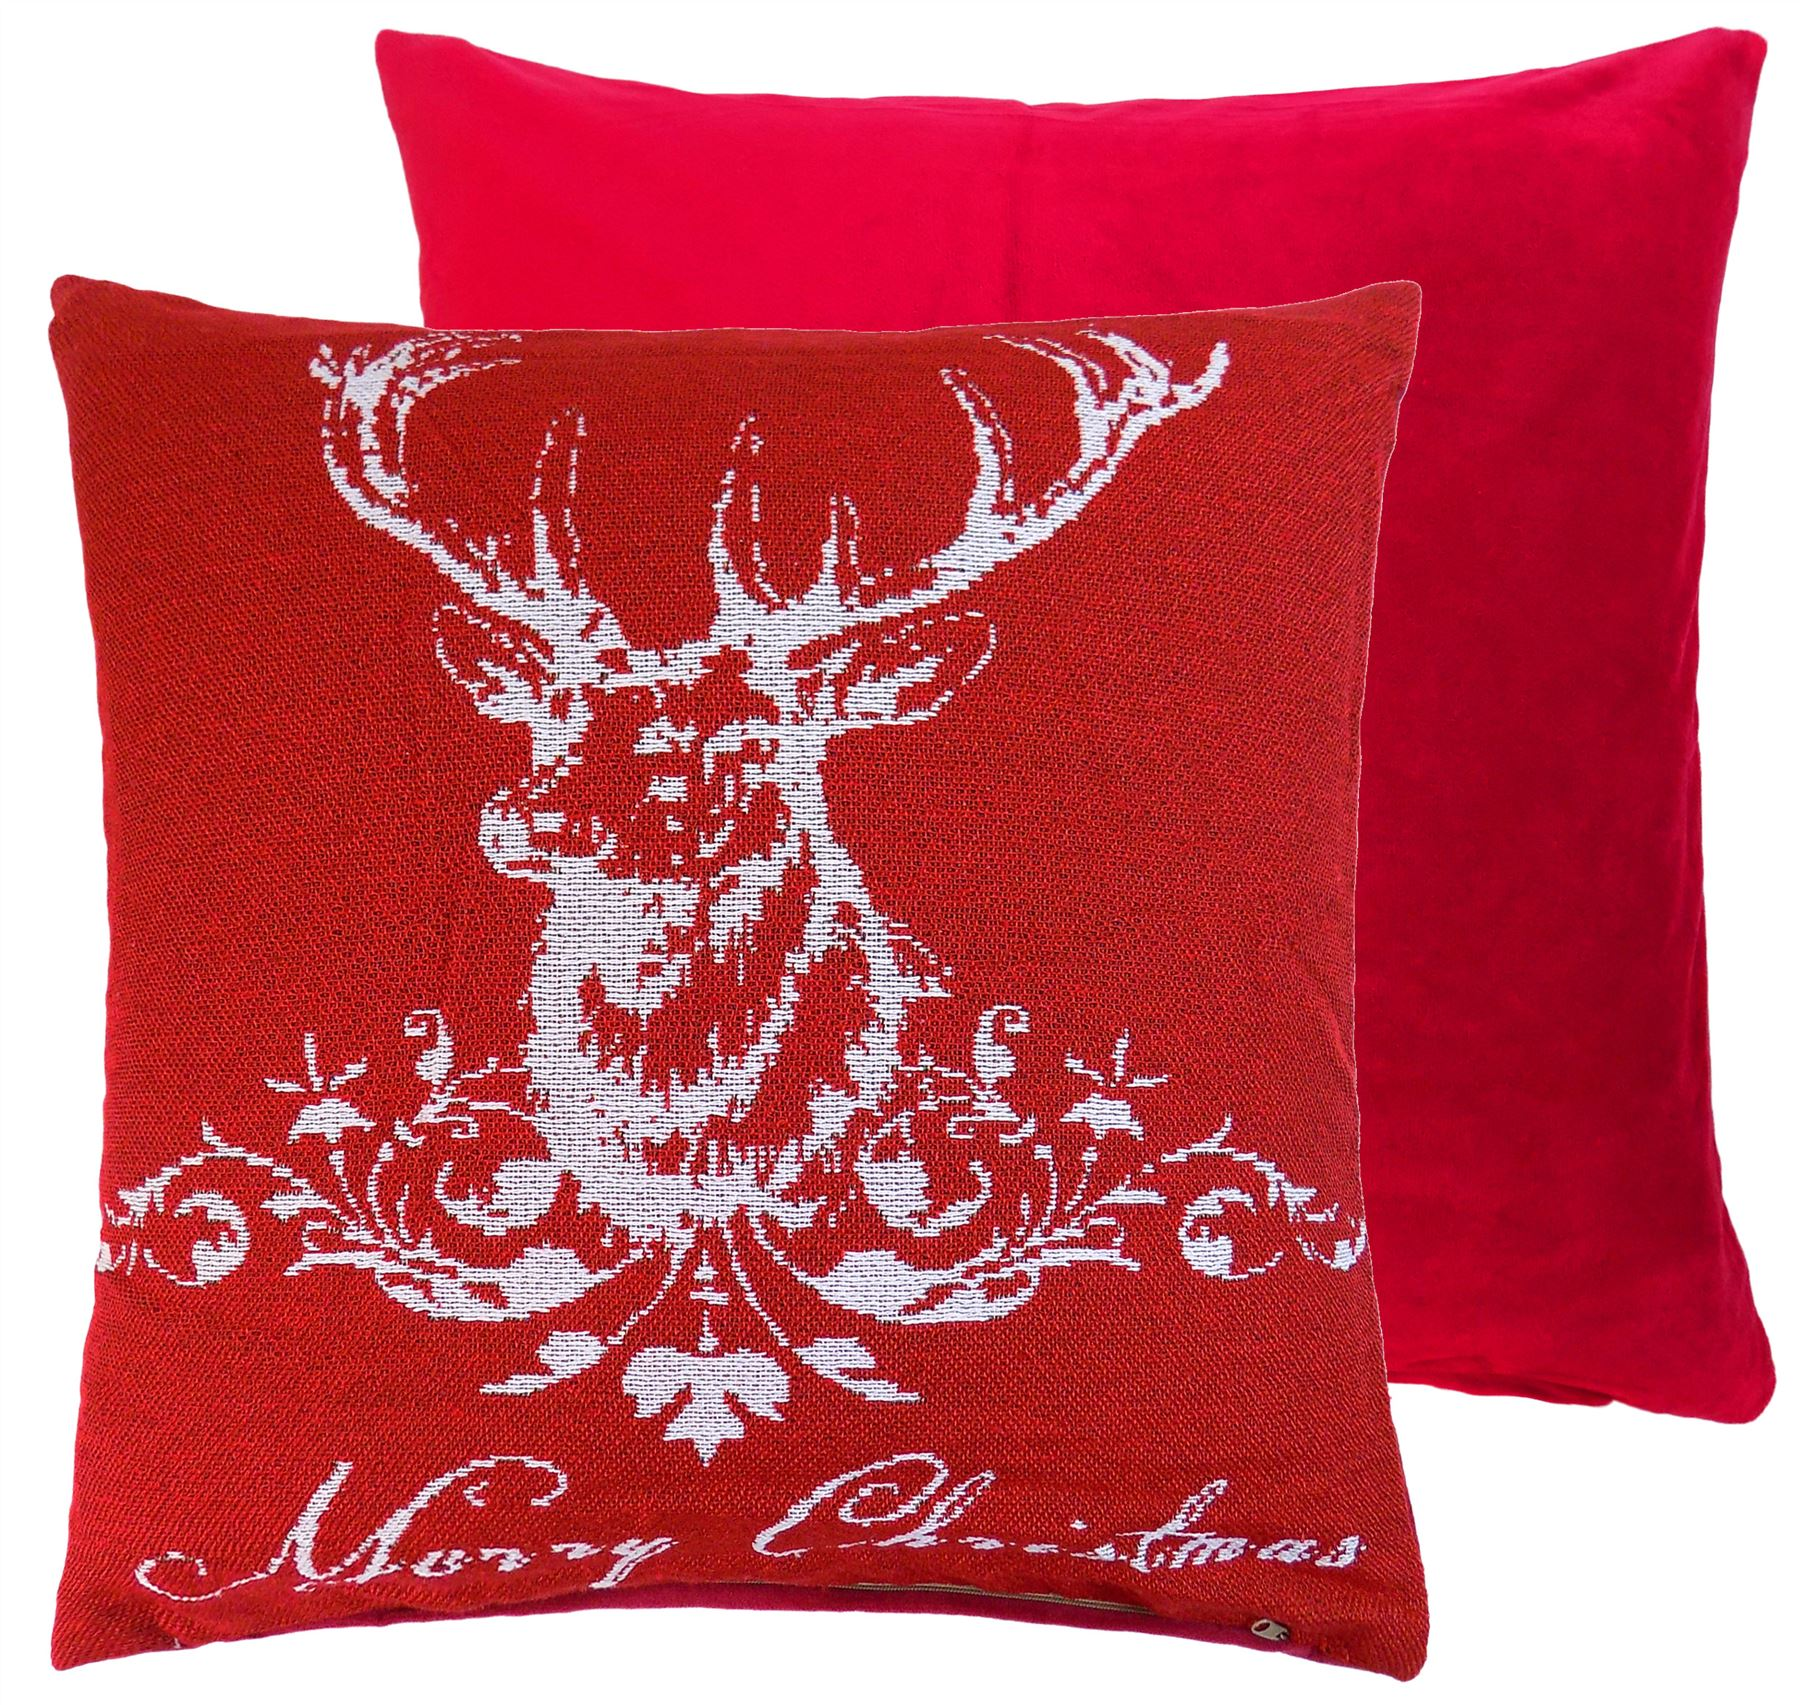 Tartan deer stag-Imprimé housses de coussin oreiller cas home decor ou intérieure